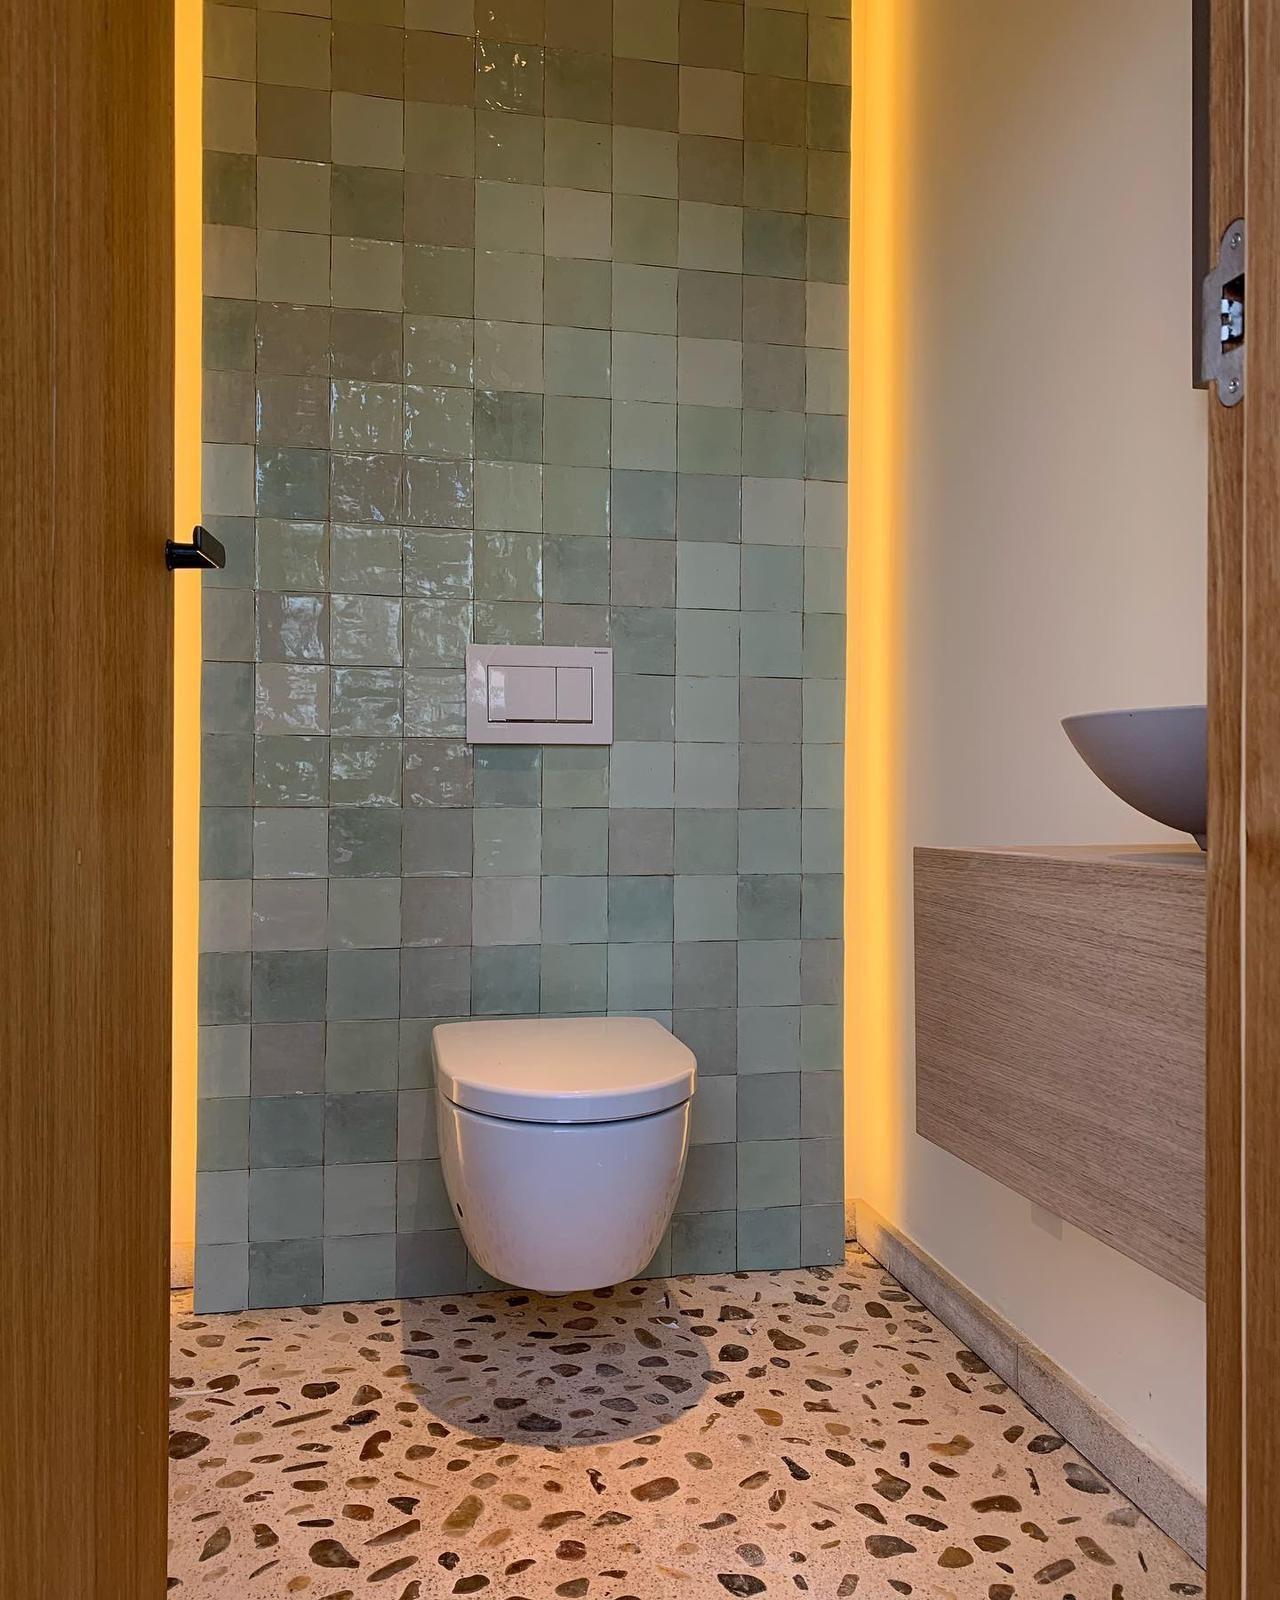 Baño sin malos olores con Geberit DuoFresh en 2020 | Baños ...